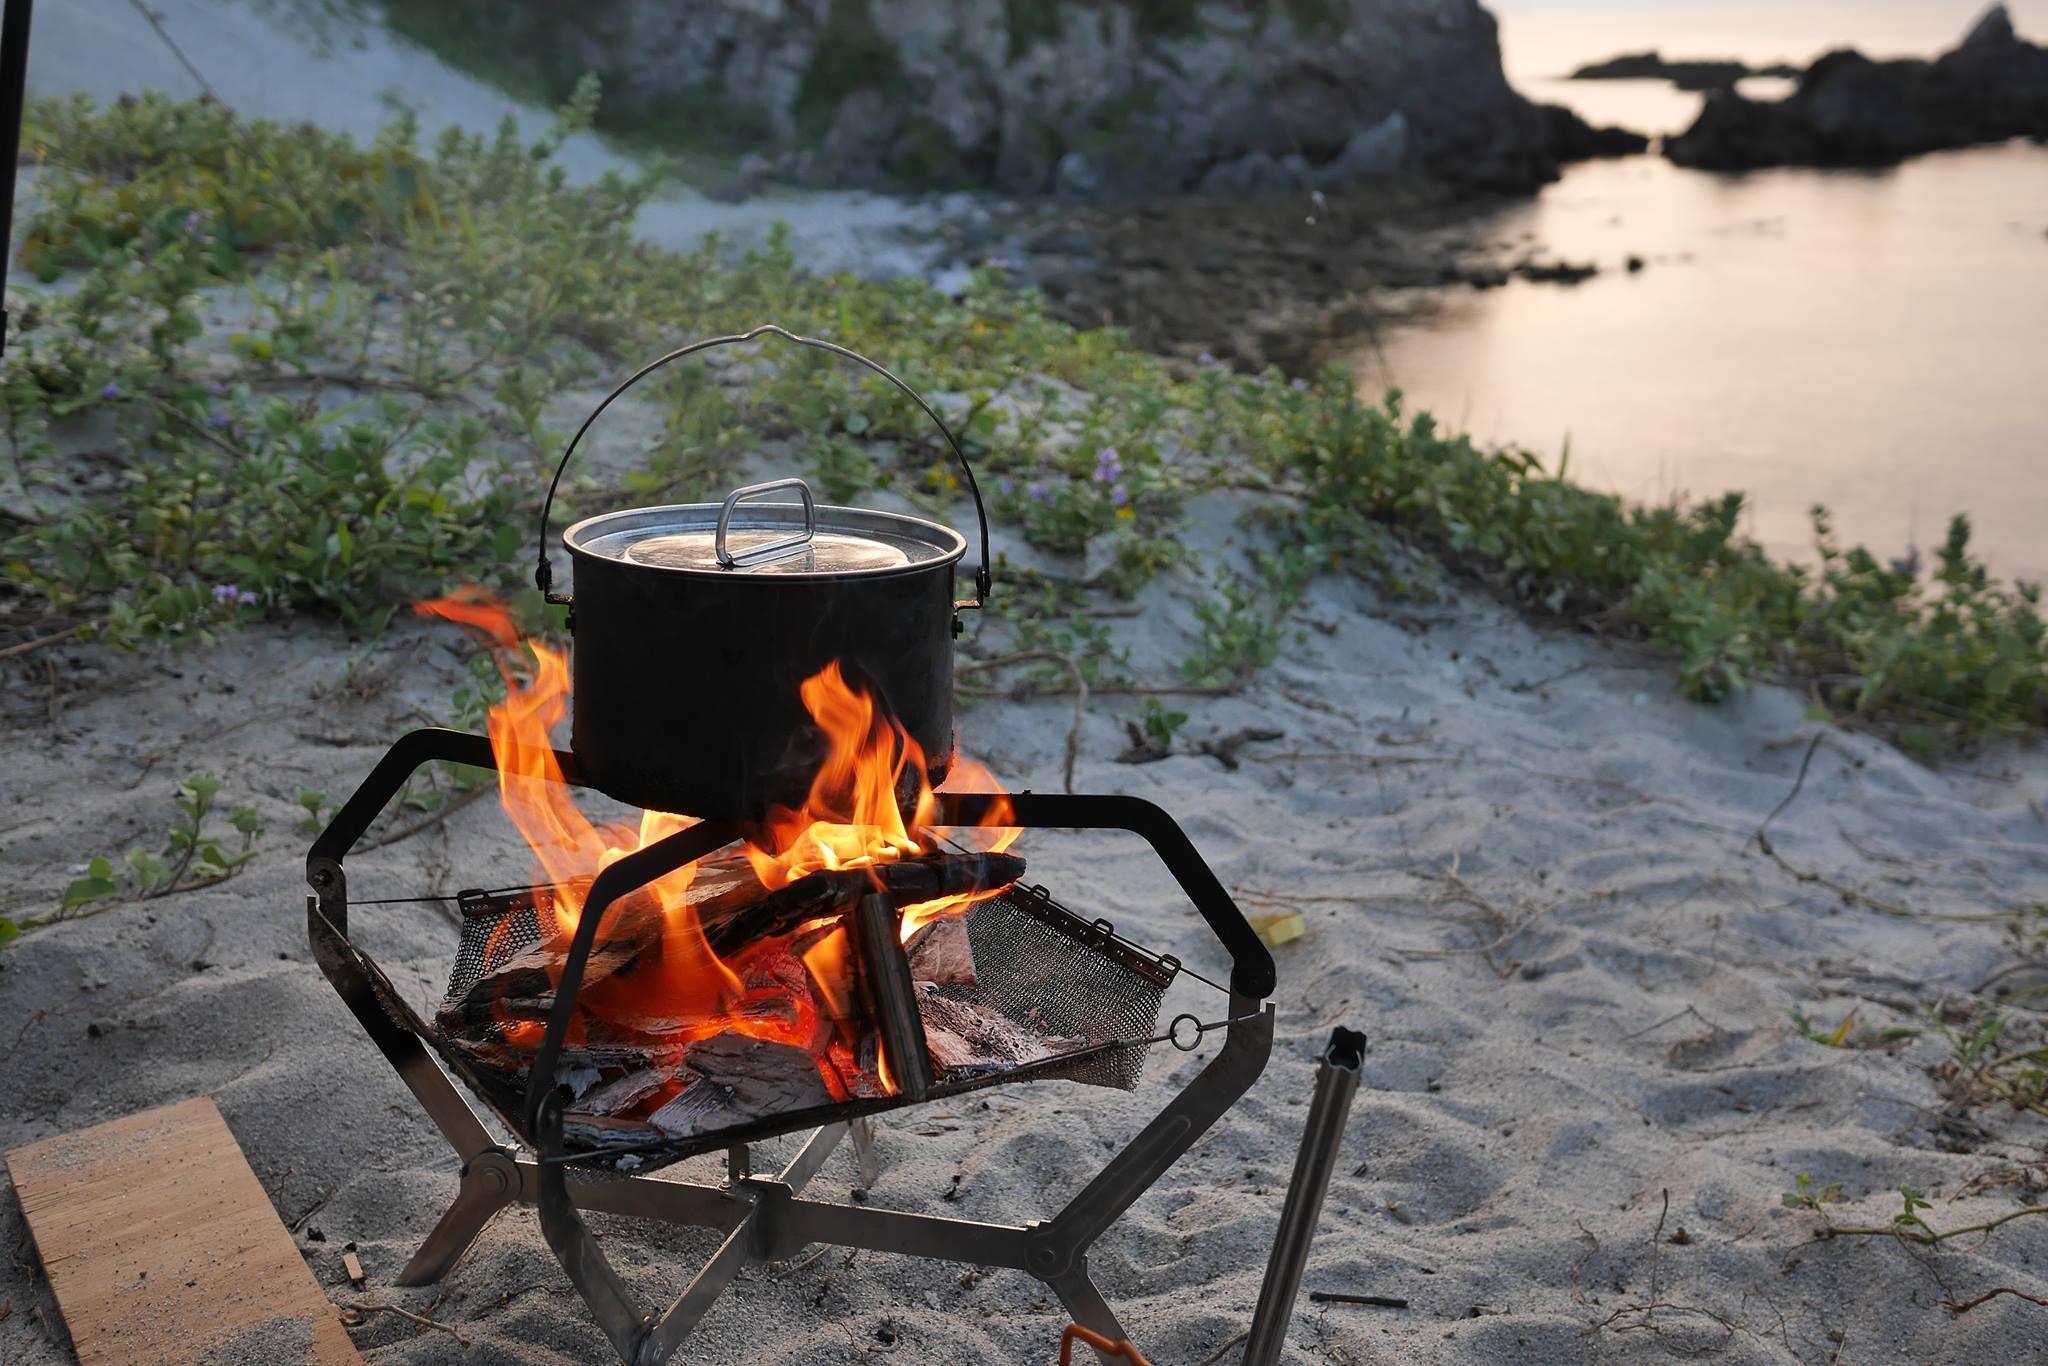 焚き火の秋♪いつでもどこでも持ち出せる1kg以下の軽量・コンパクトな焚き火台がほしい!